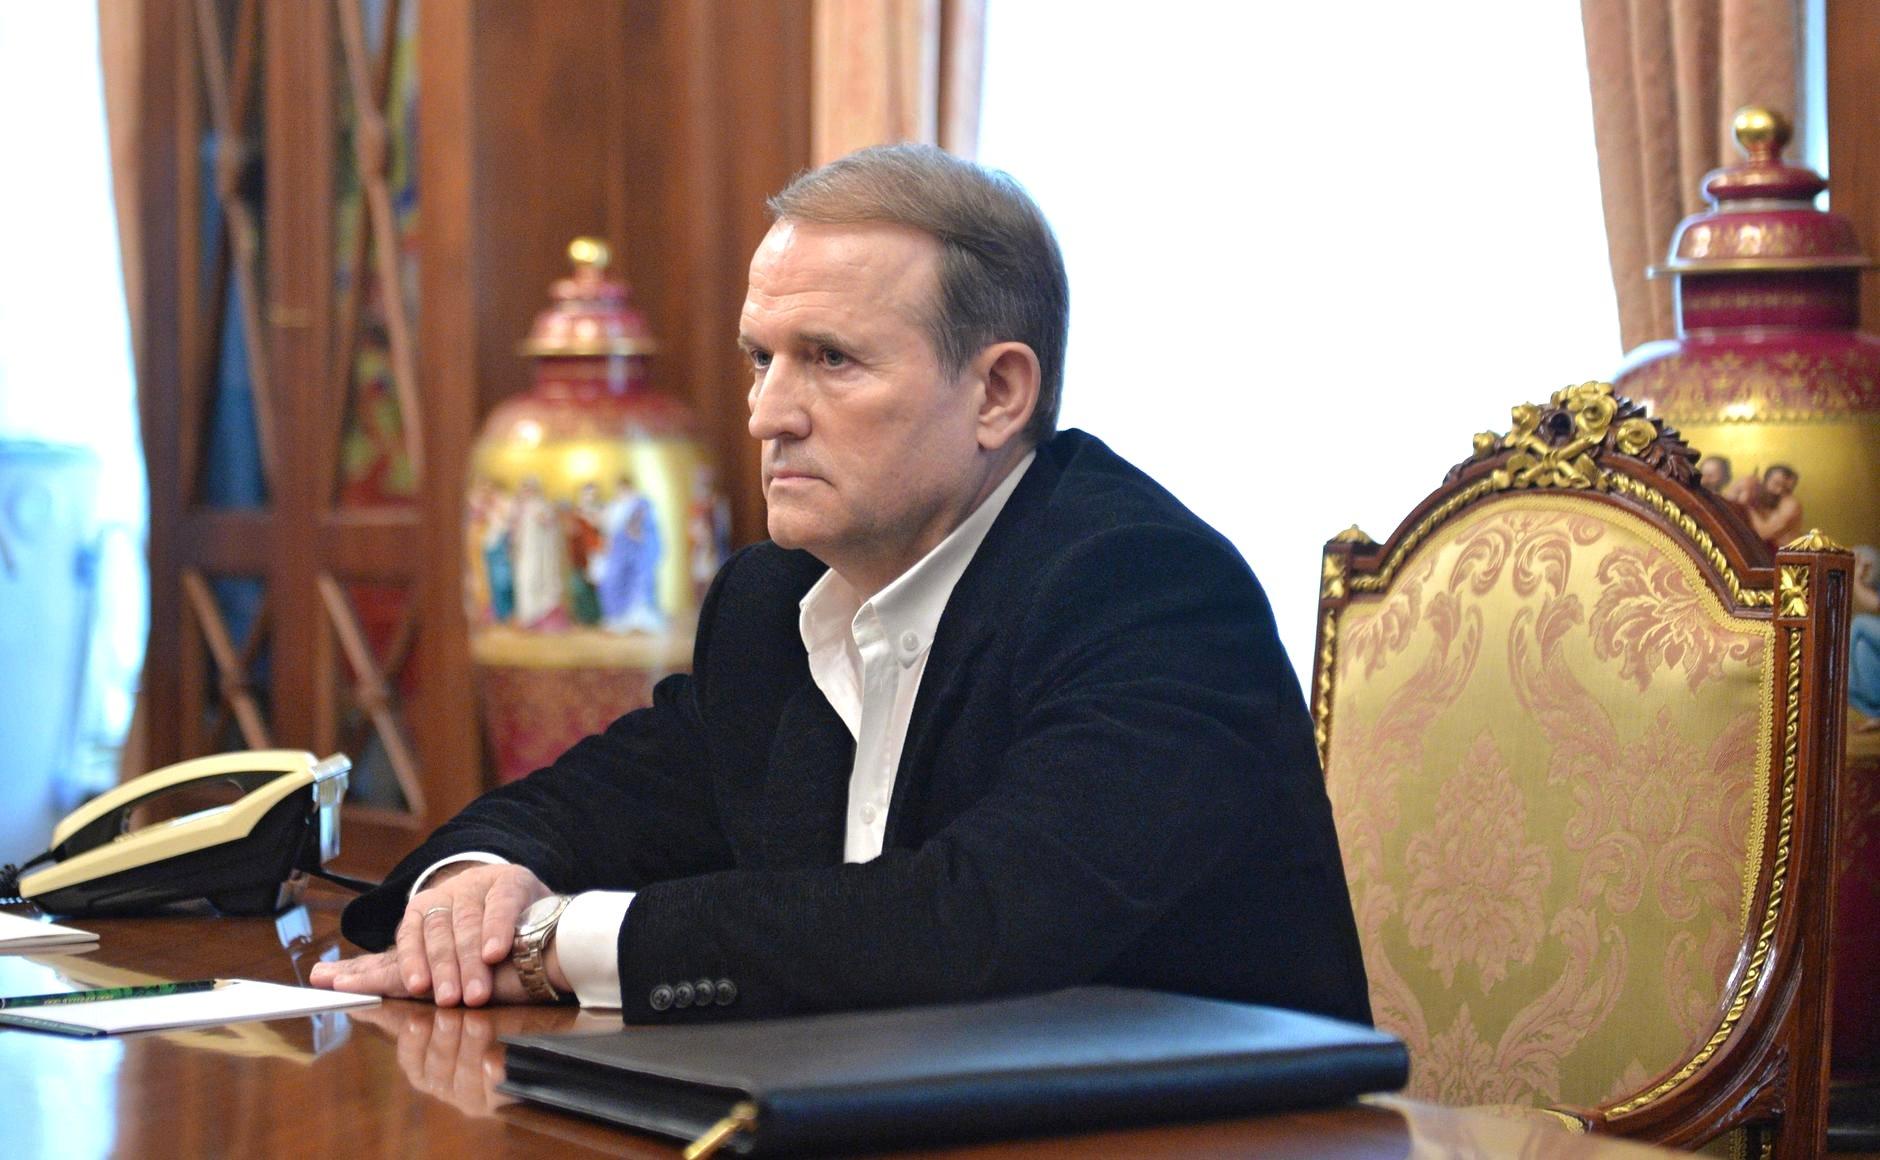 Автором нынешней редакции Конституции Украины является Виктор Медведчук, возглавлявший Администрацию президента Кучмы